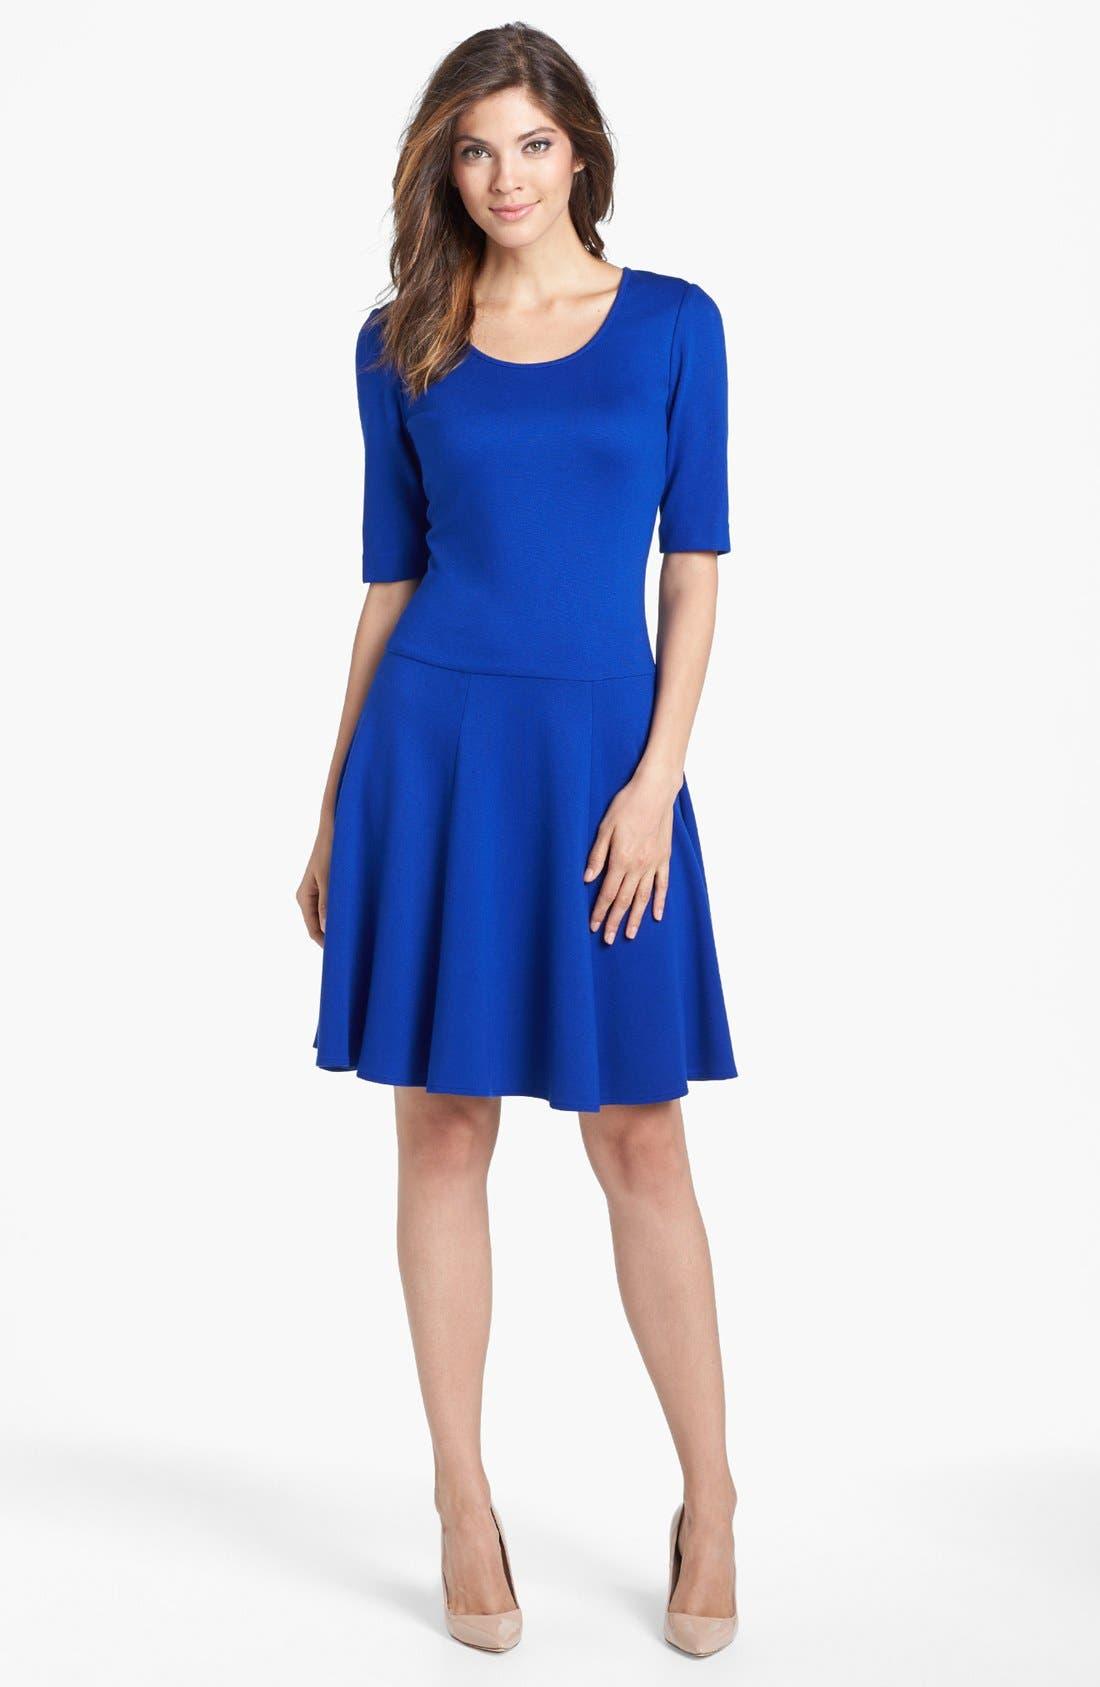 Alternate Image 1 Selected - Eliza J Ponte Knit Fit & Flare Dress